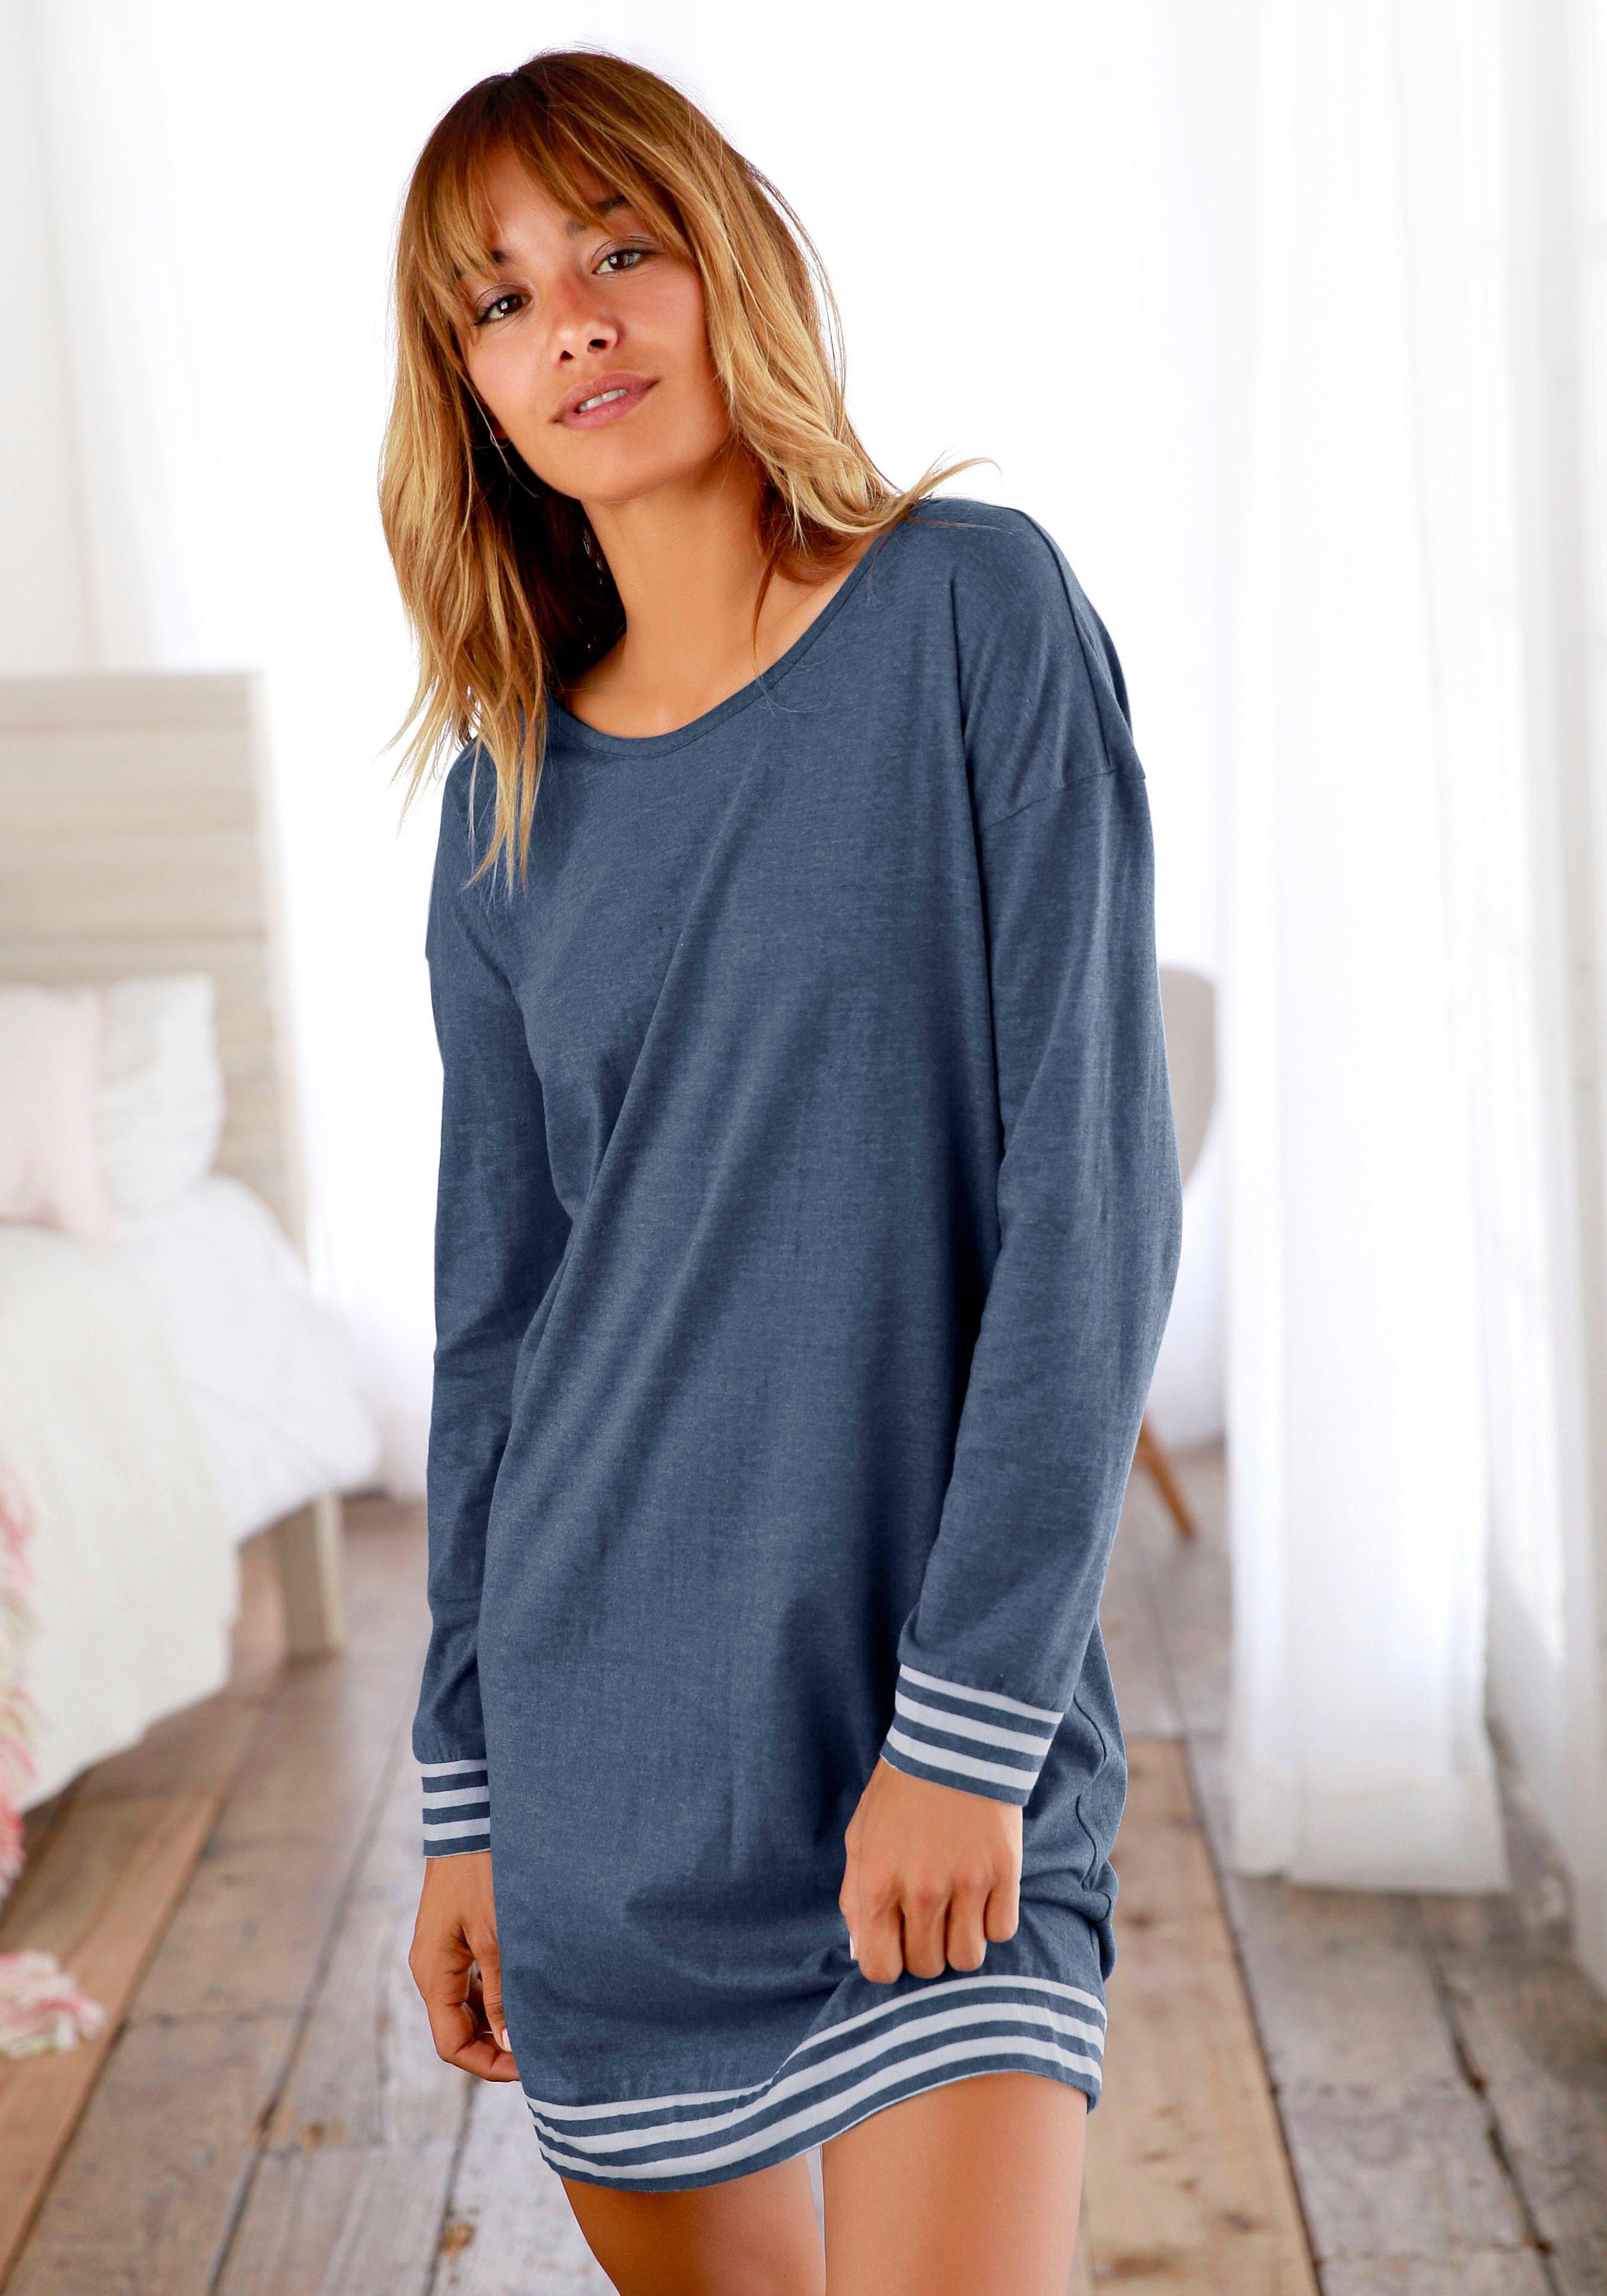 Arizona nachthemd met gestreepte boorden - verschillende betaalmethodes